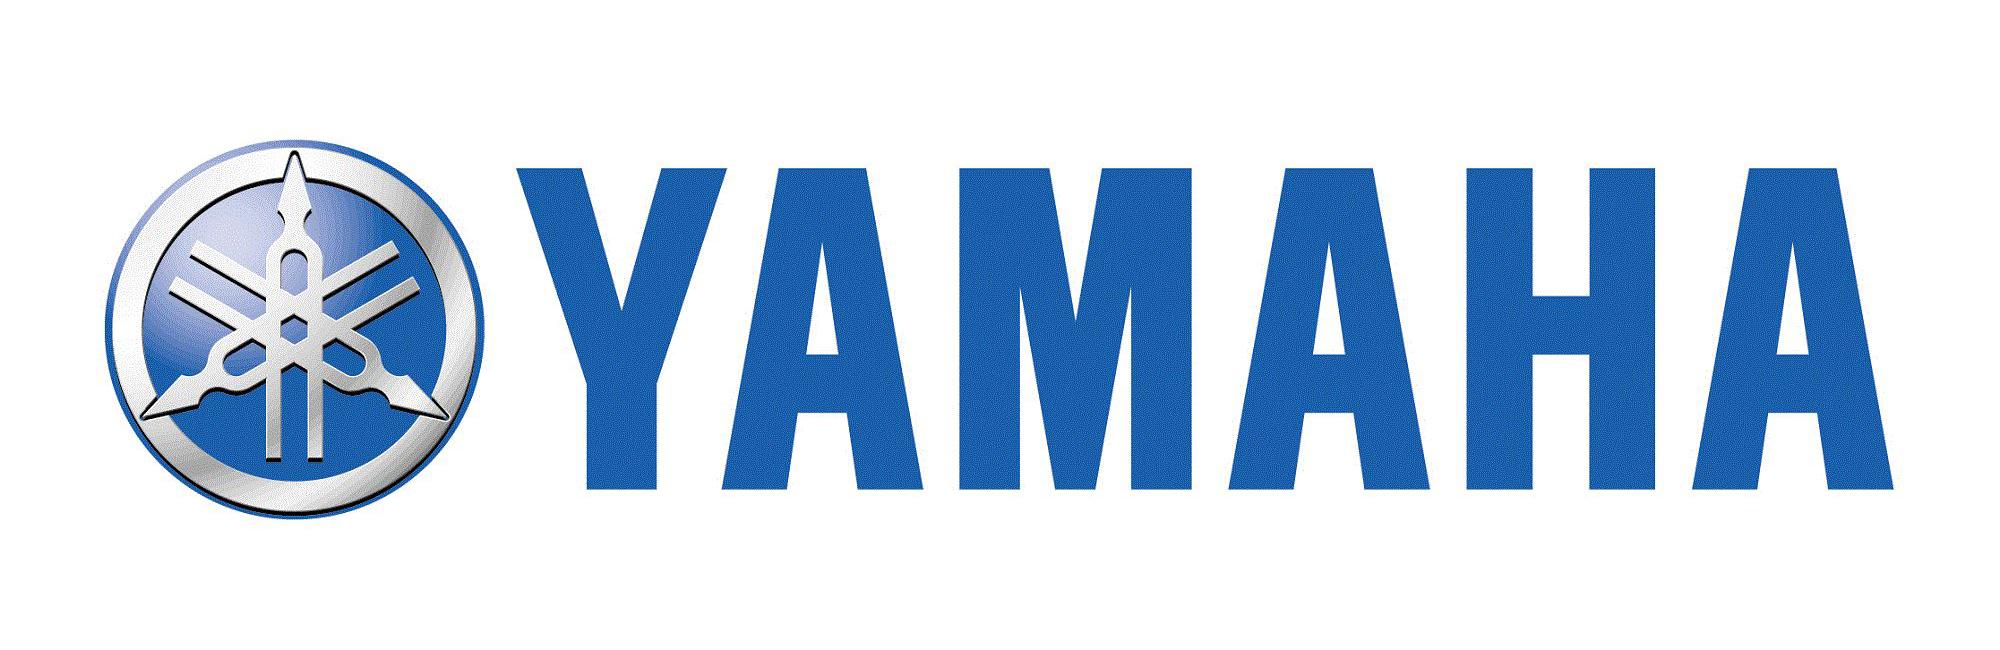 Le Logo Yamaha Les Marques De Voitures